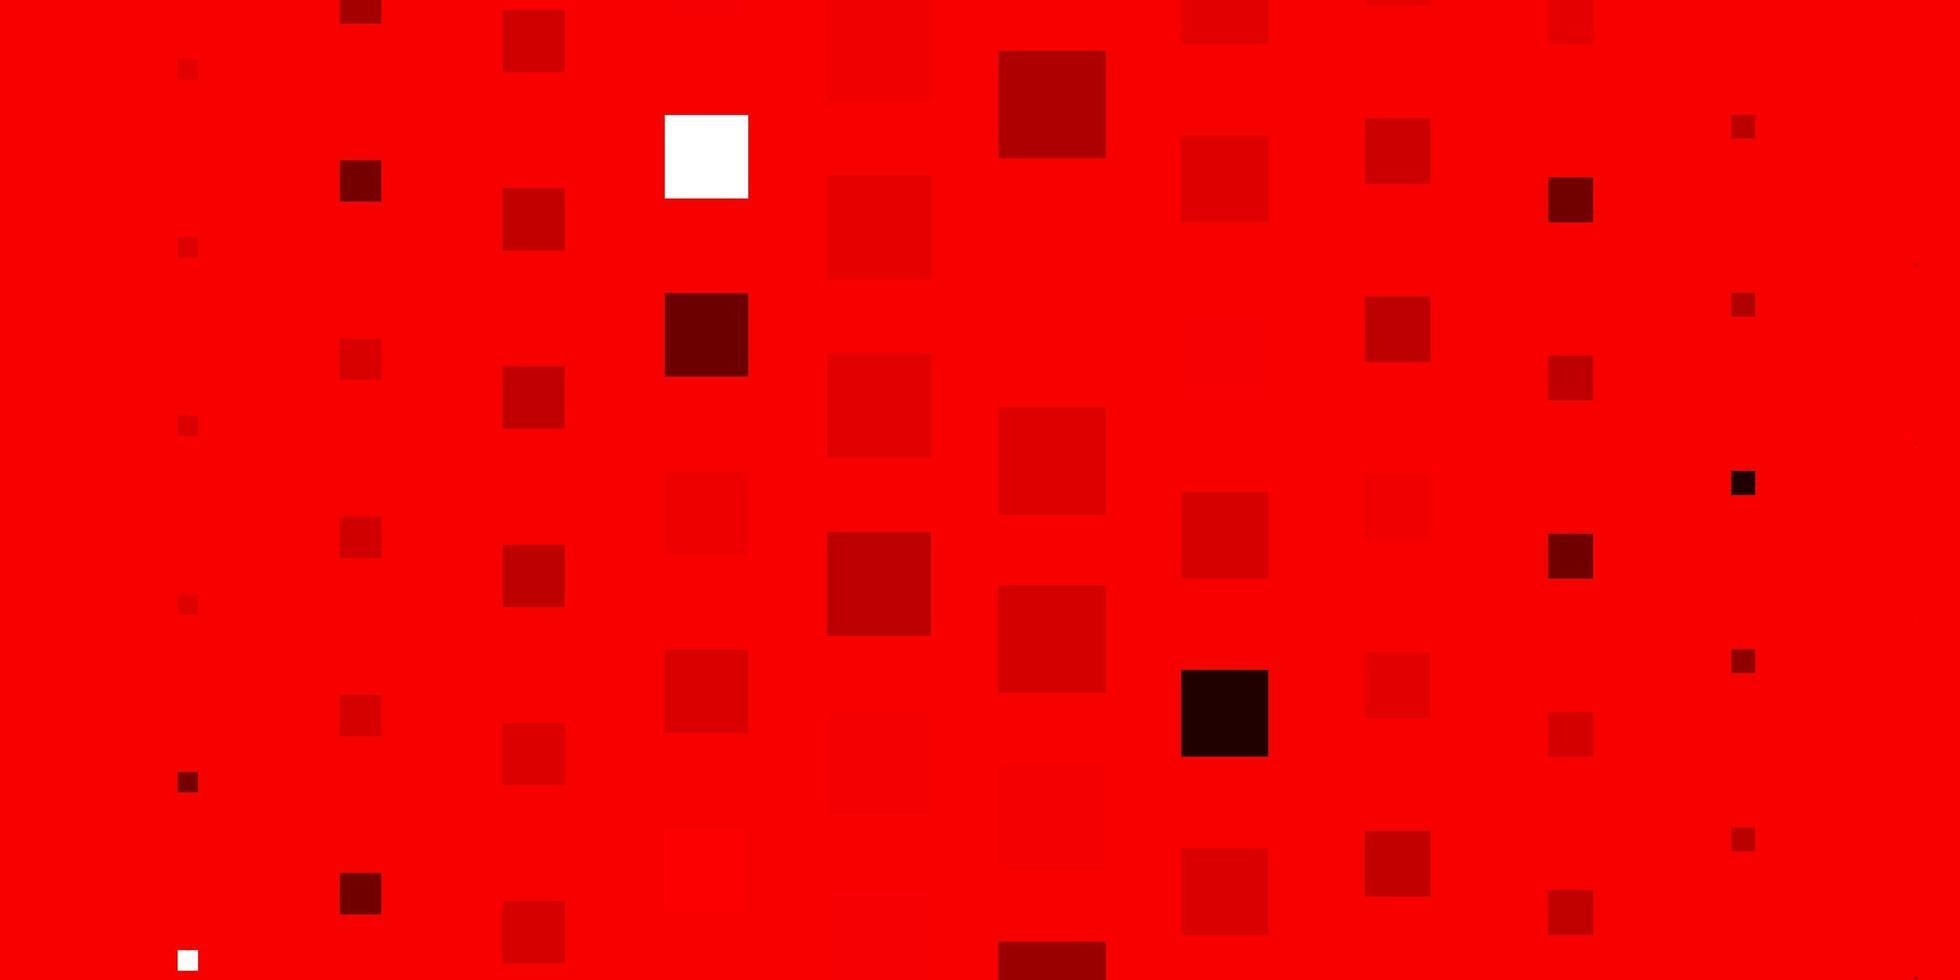 padrão de luz vermelha vetor em estilo quadrado.